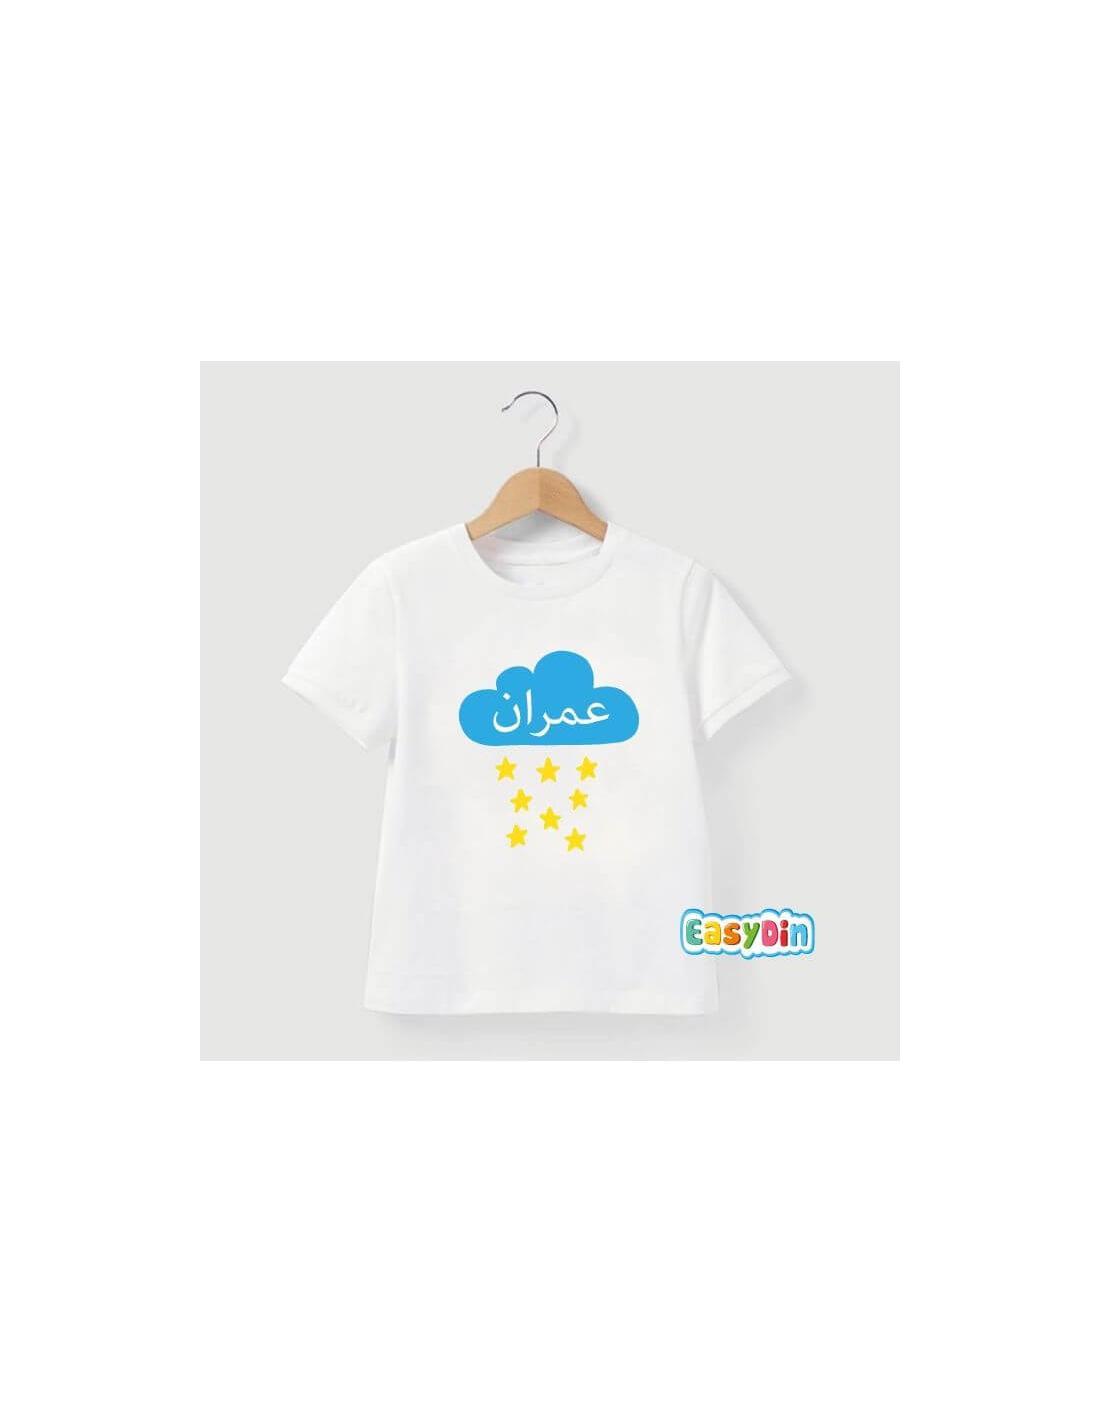 Tee shirt personnalisé nuage étoiles